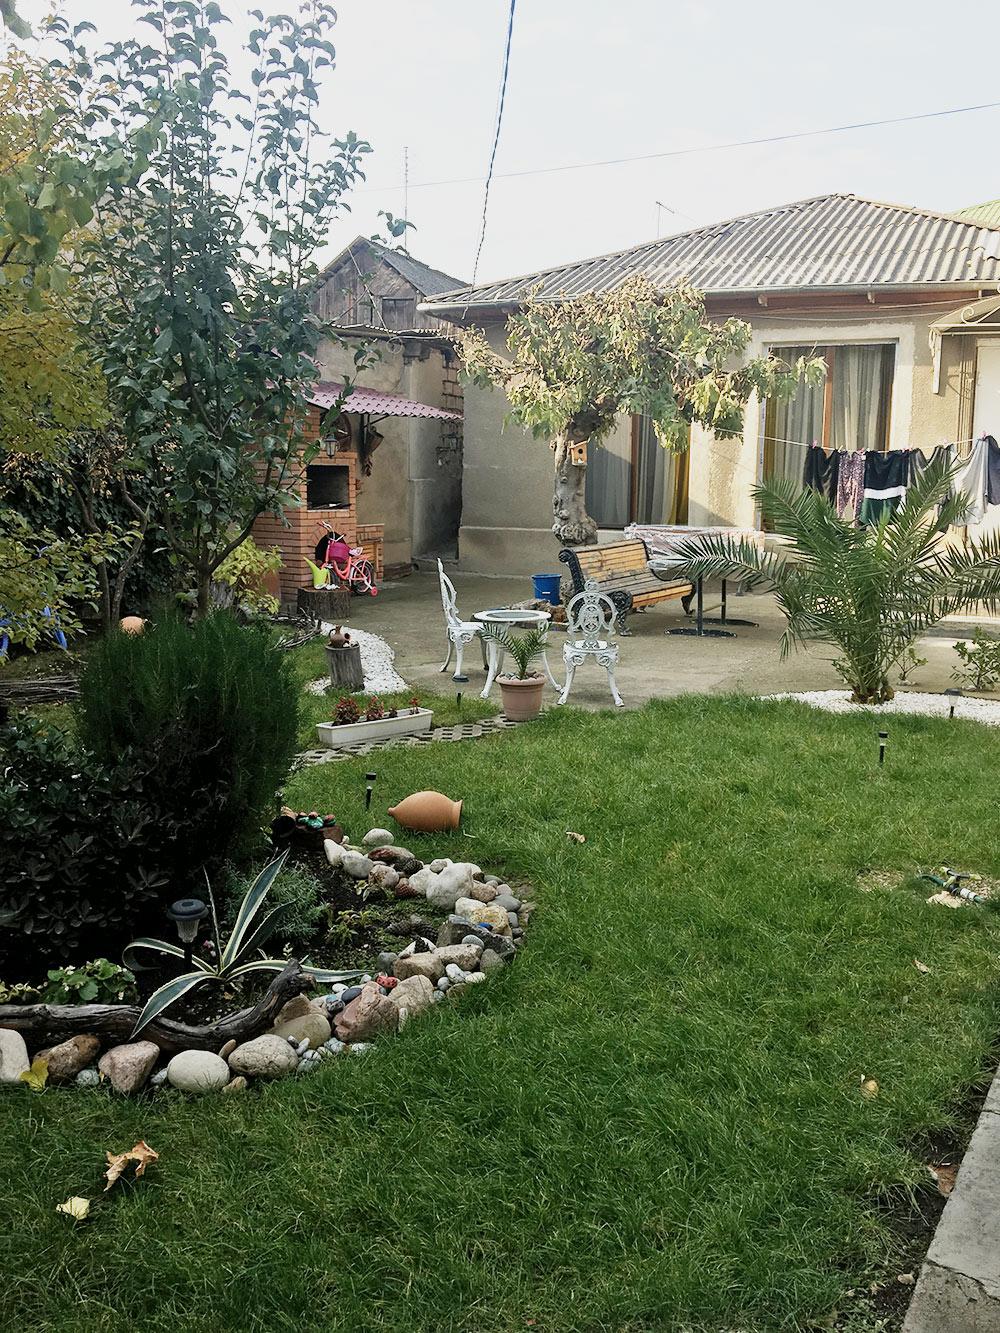 Наш дом в районе Исани. Мангал и живые черепахи во дворе шли бонусом